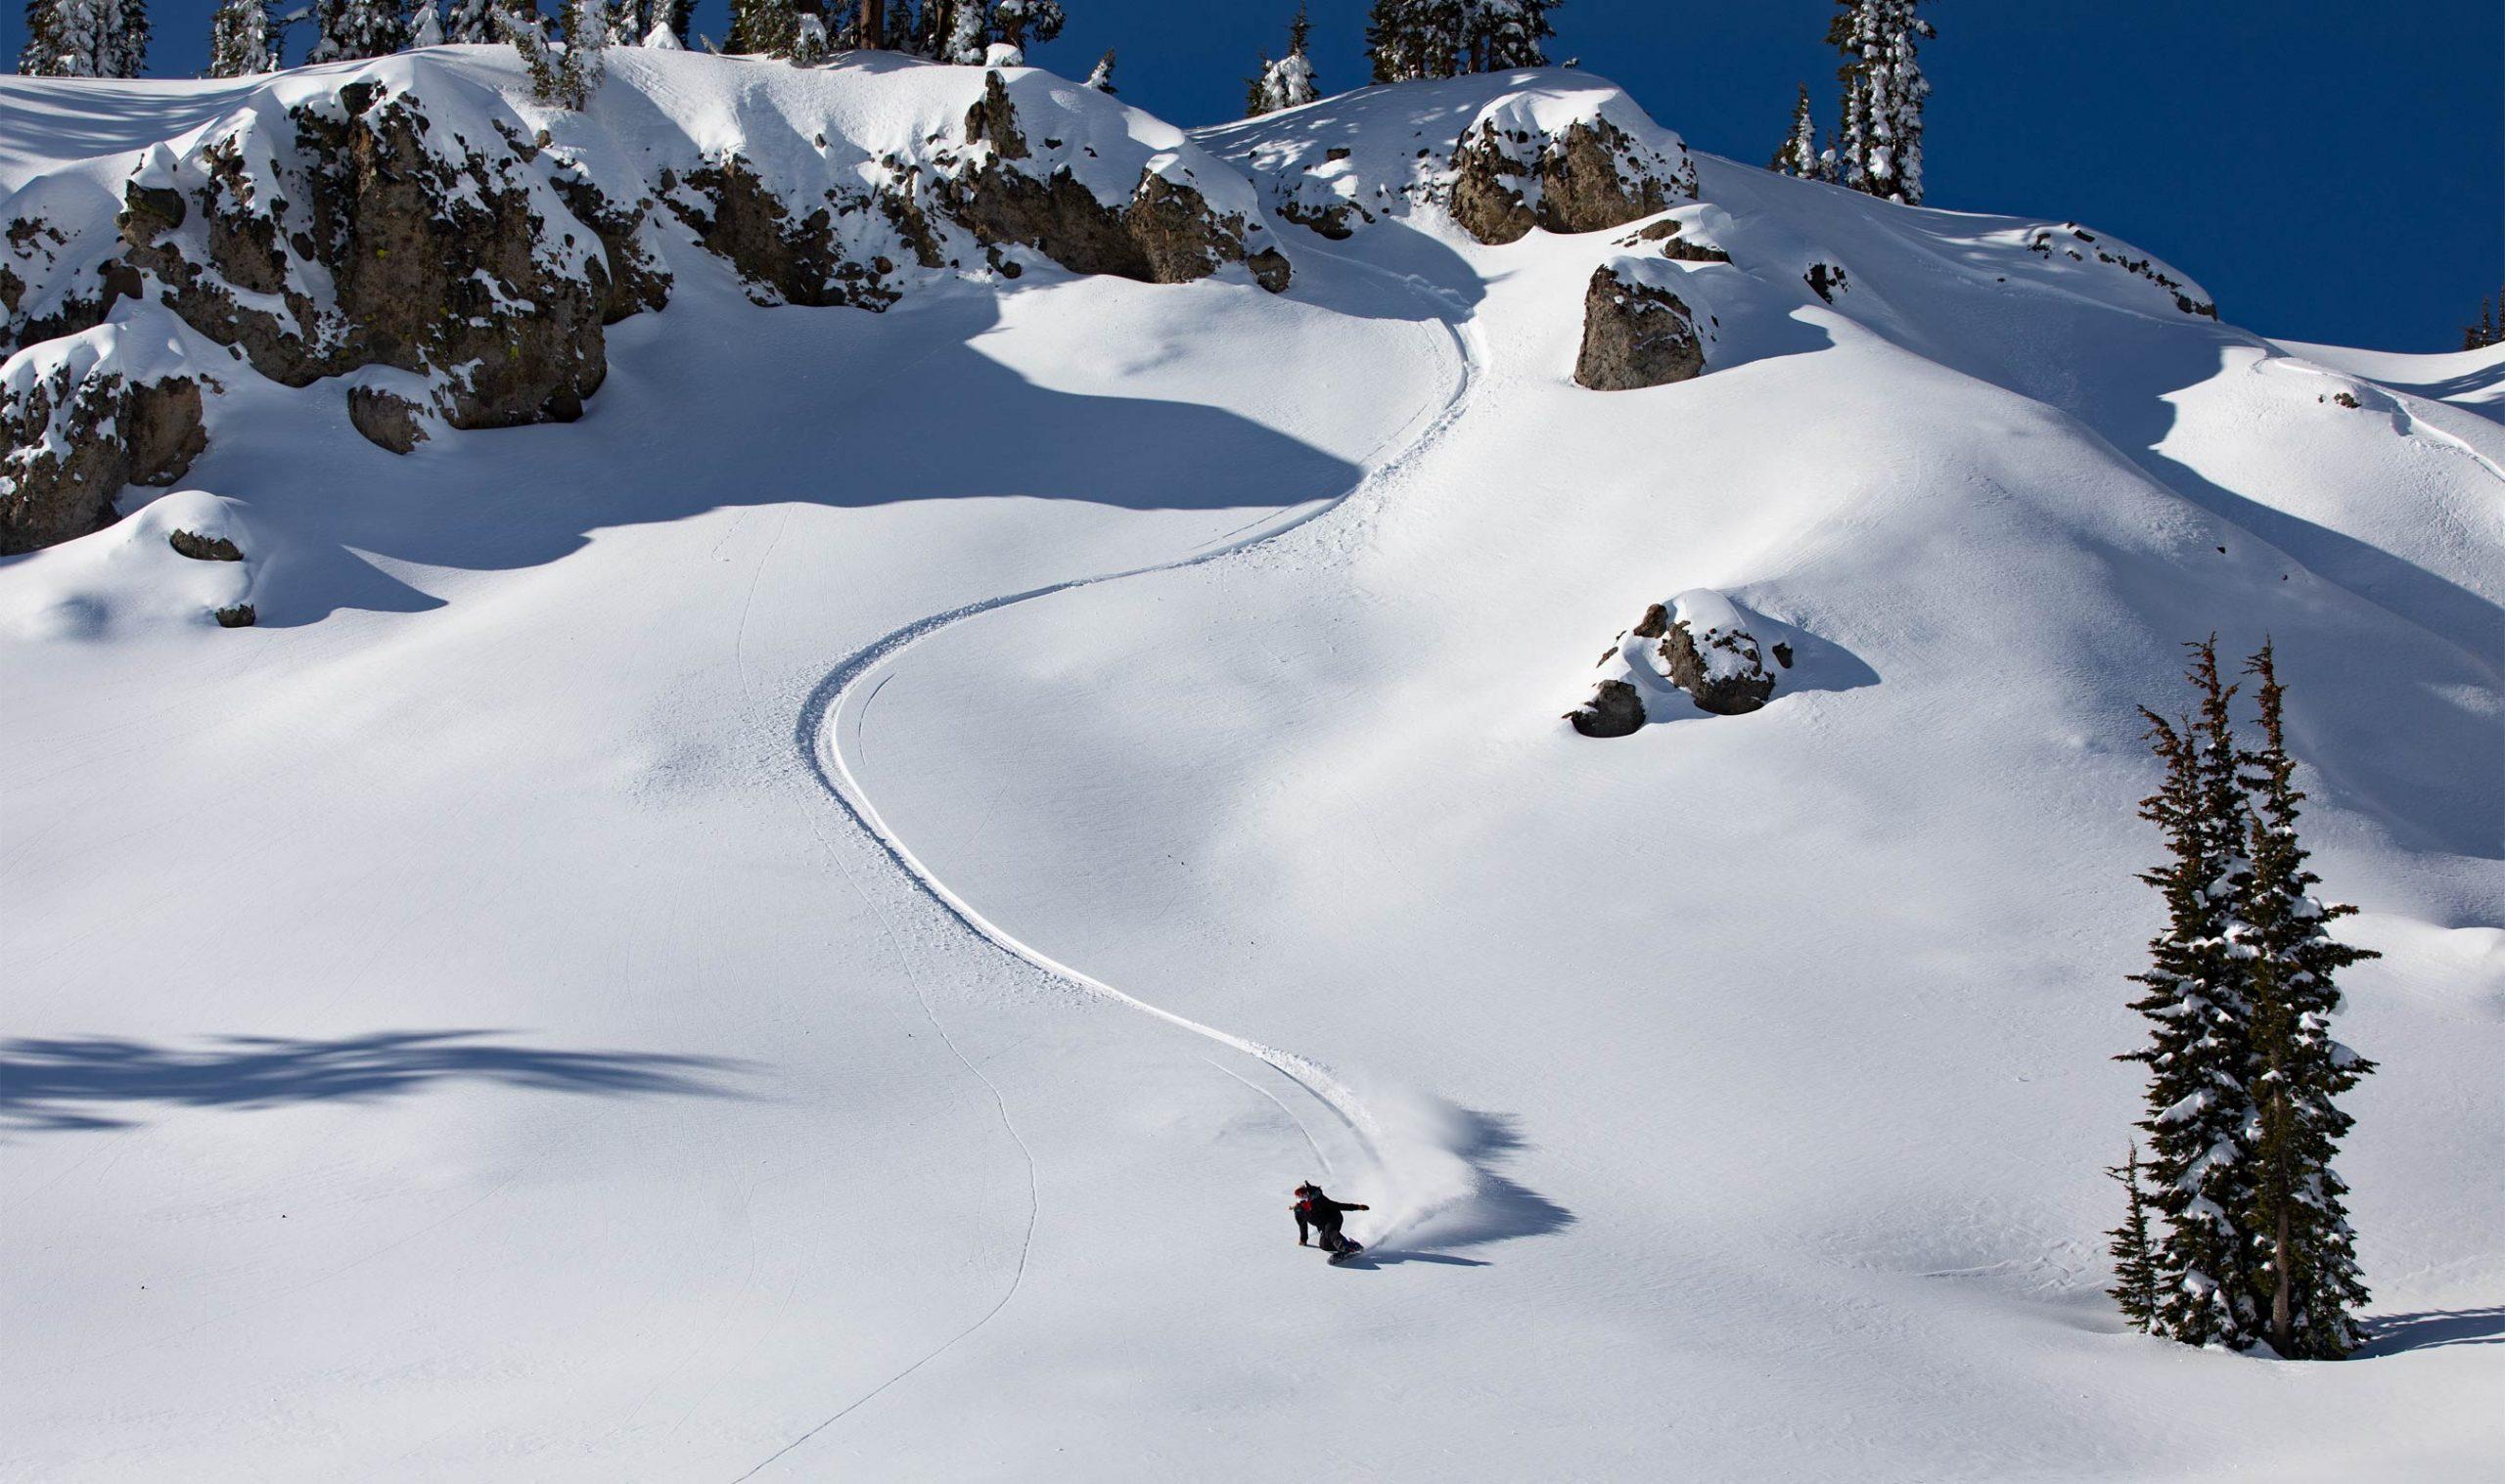 Dream Catcher Split 2022, Jones Snowboards